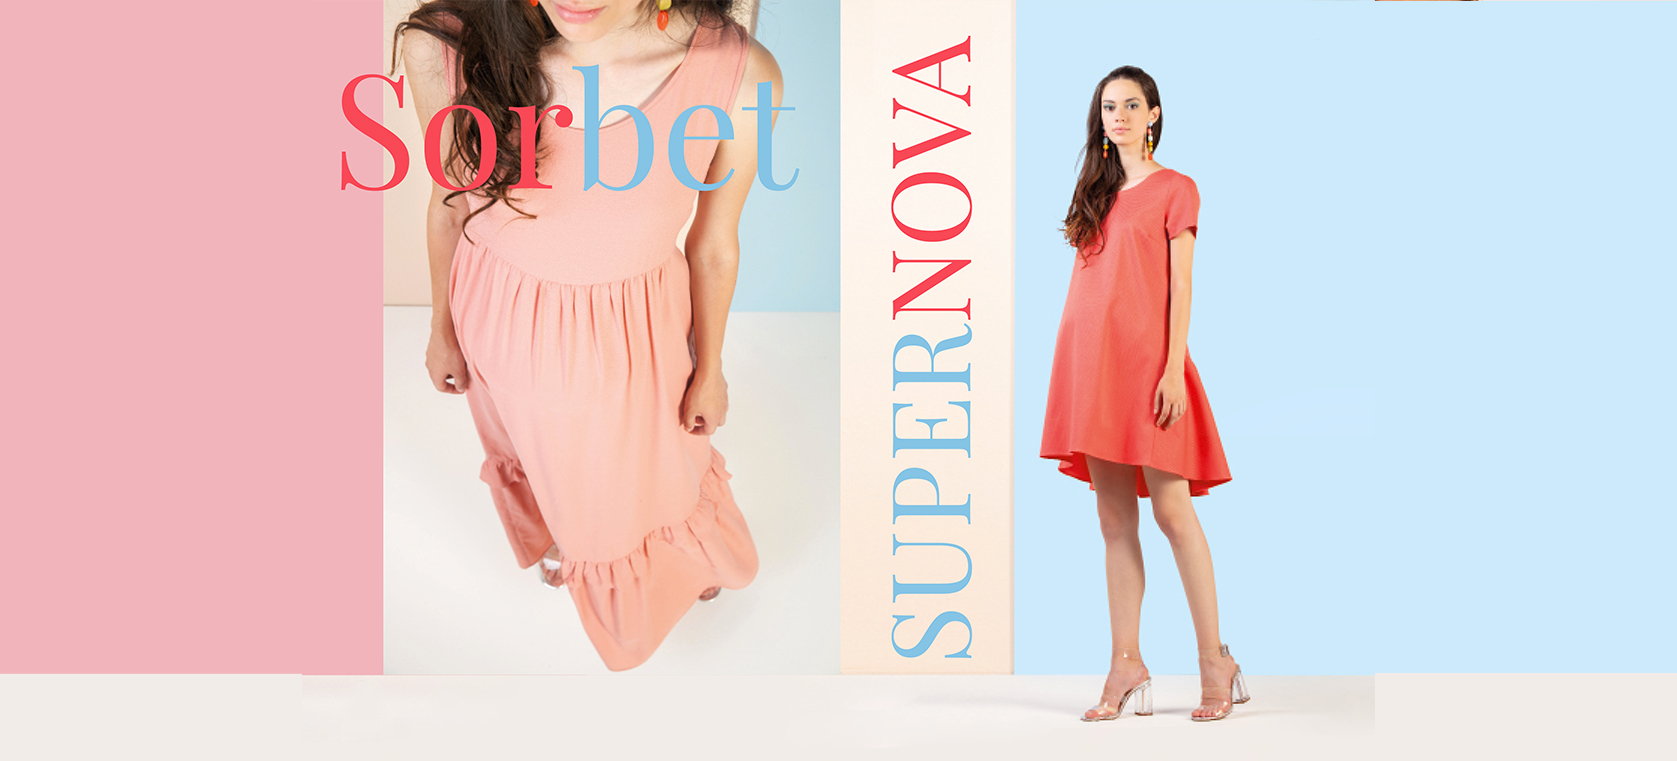 879473b0076a Collezione Abbigliamento Premaman - Lo stile delle future mamme ...